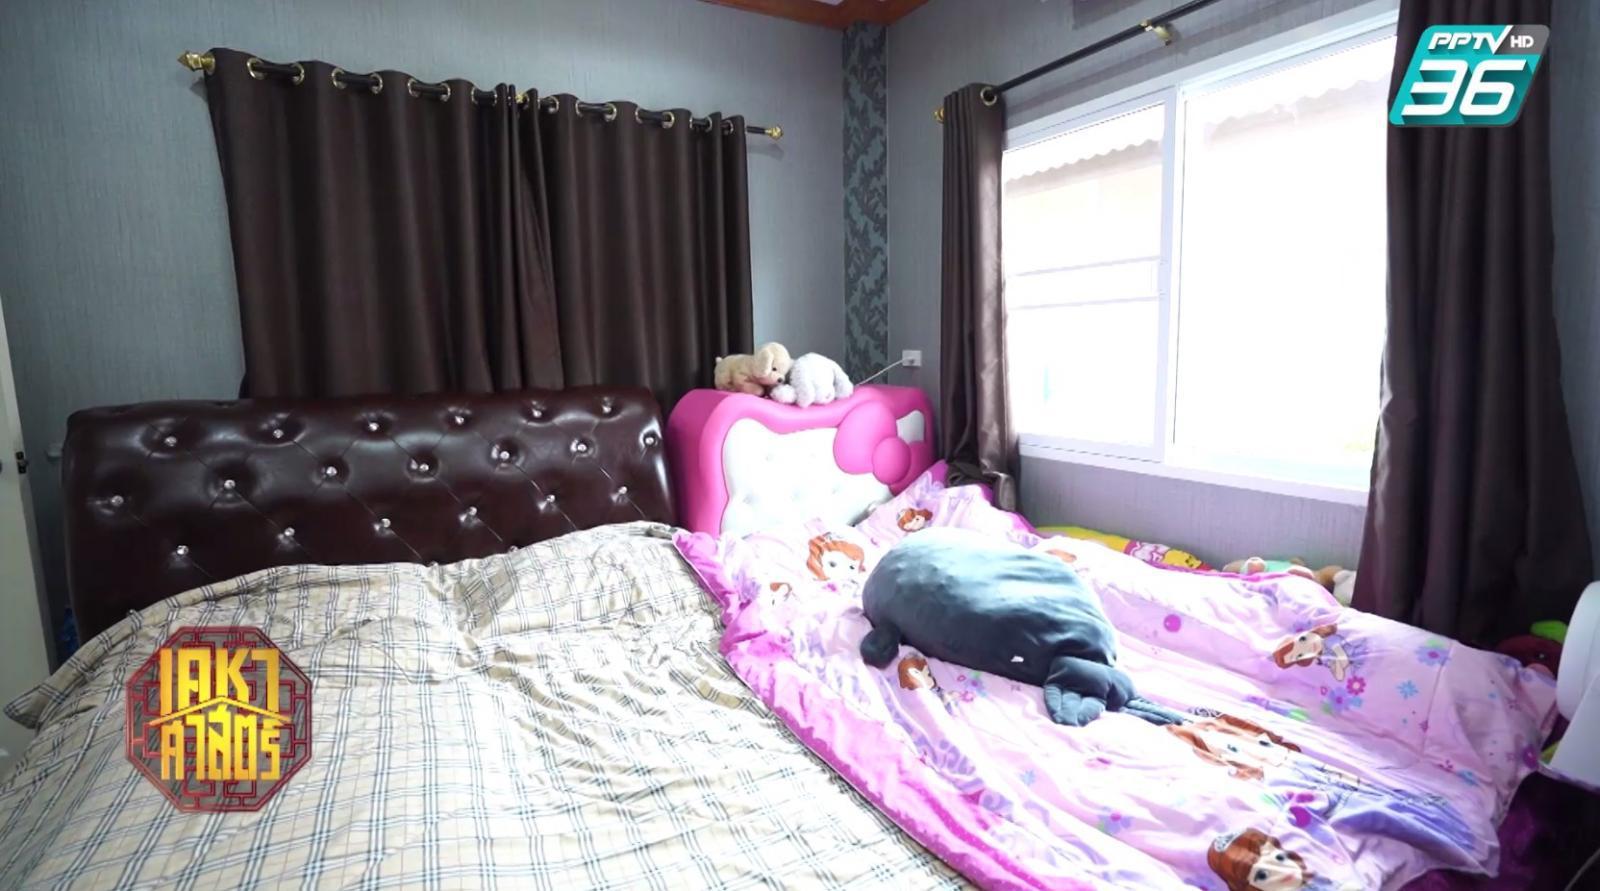 """นอนห้องหน้าบ้าน ทำบุญคนไม่ขึ้น """"ตี่ลี่ ฮวงจุ้ย"""" แก้ได้"""